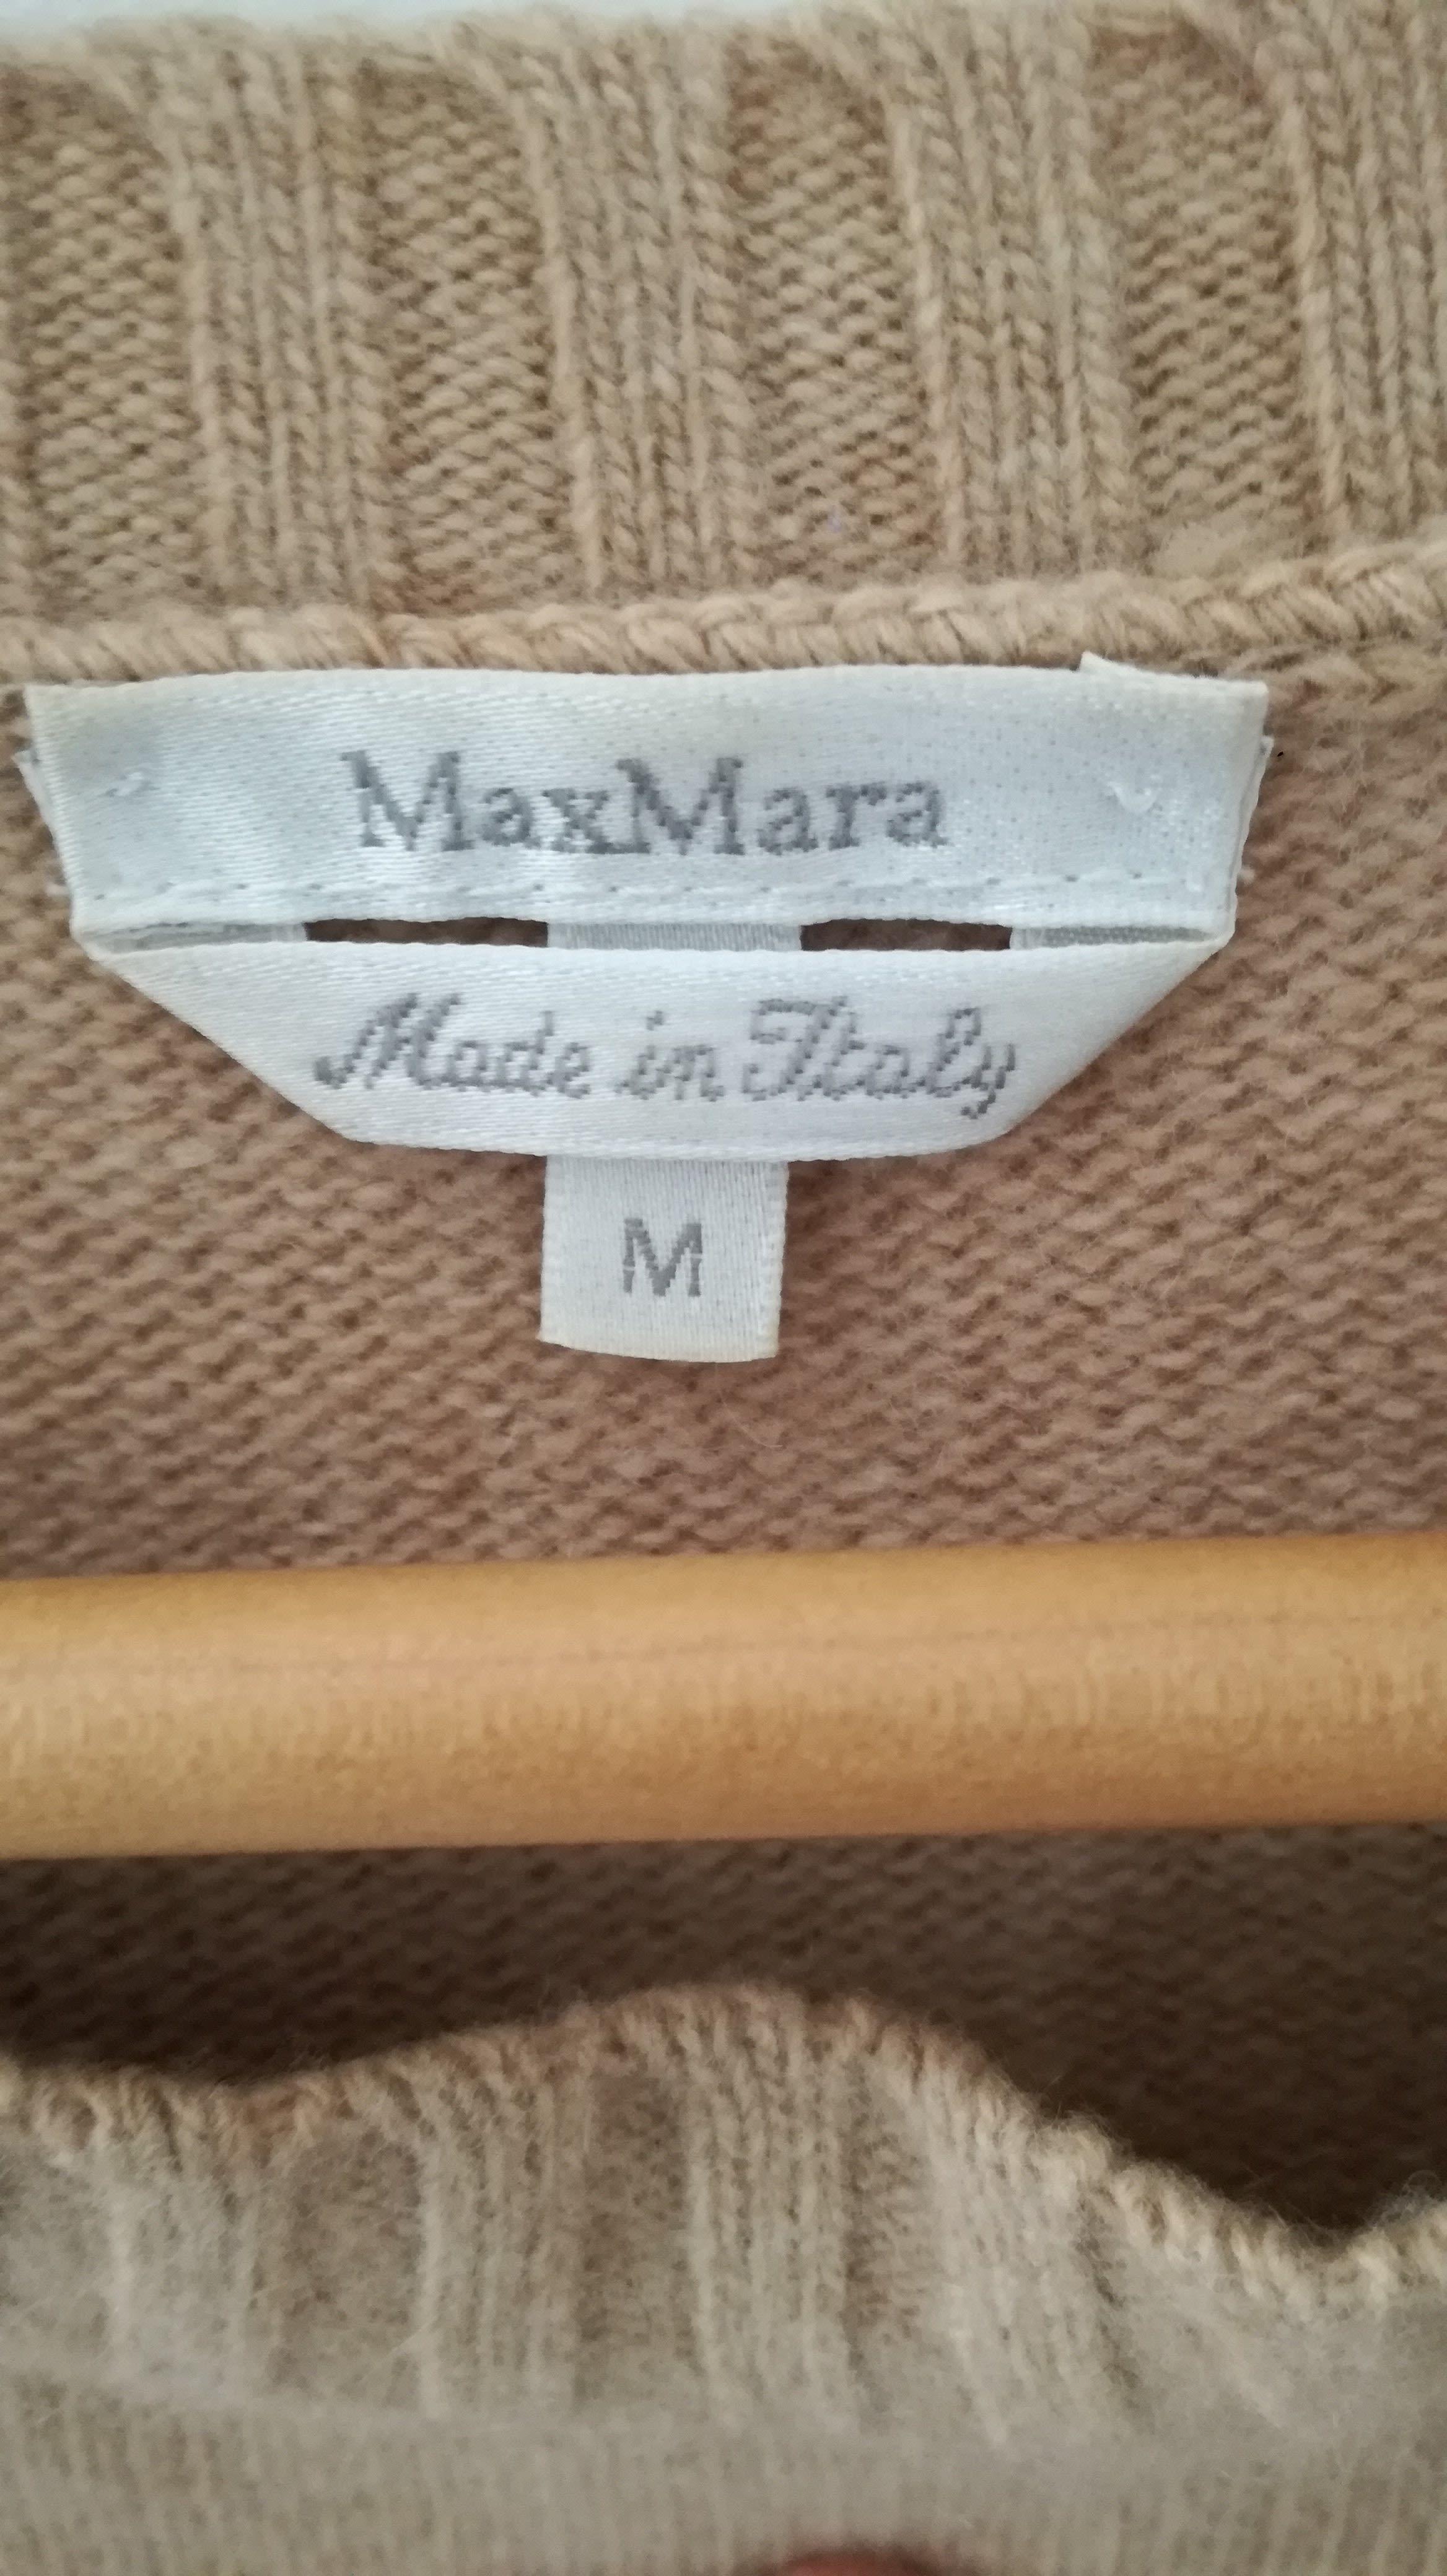 Pulls - Pull Max Mara